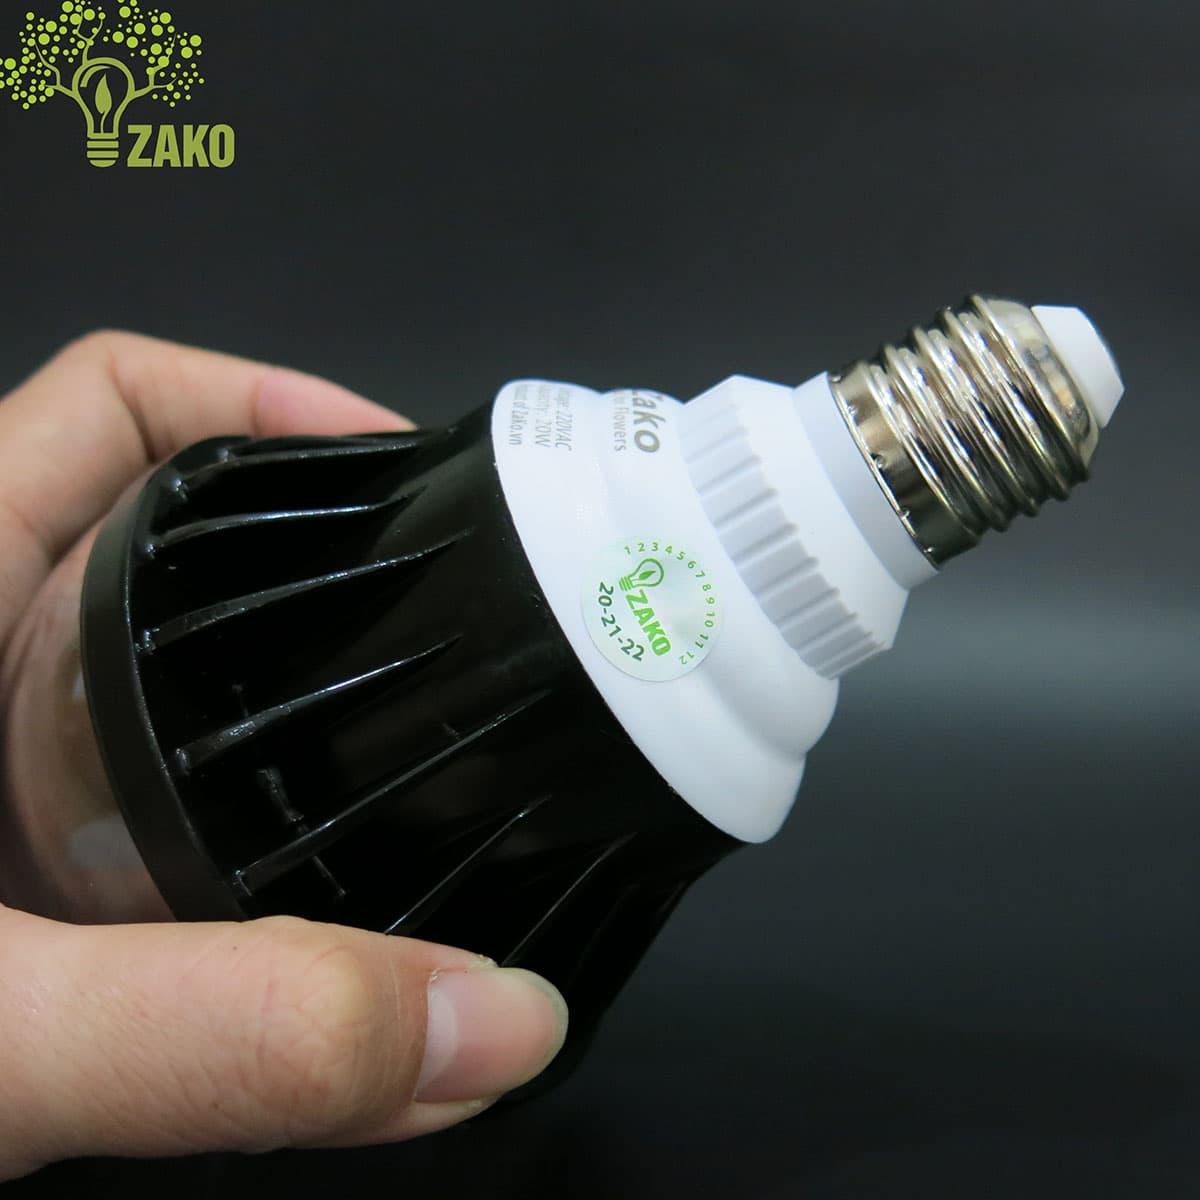 đèn led trồng cây 20w của zako